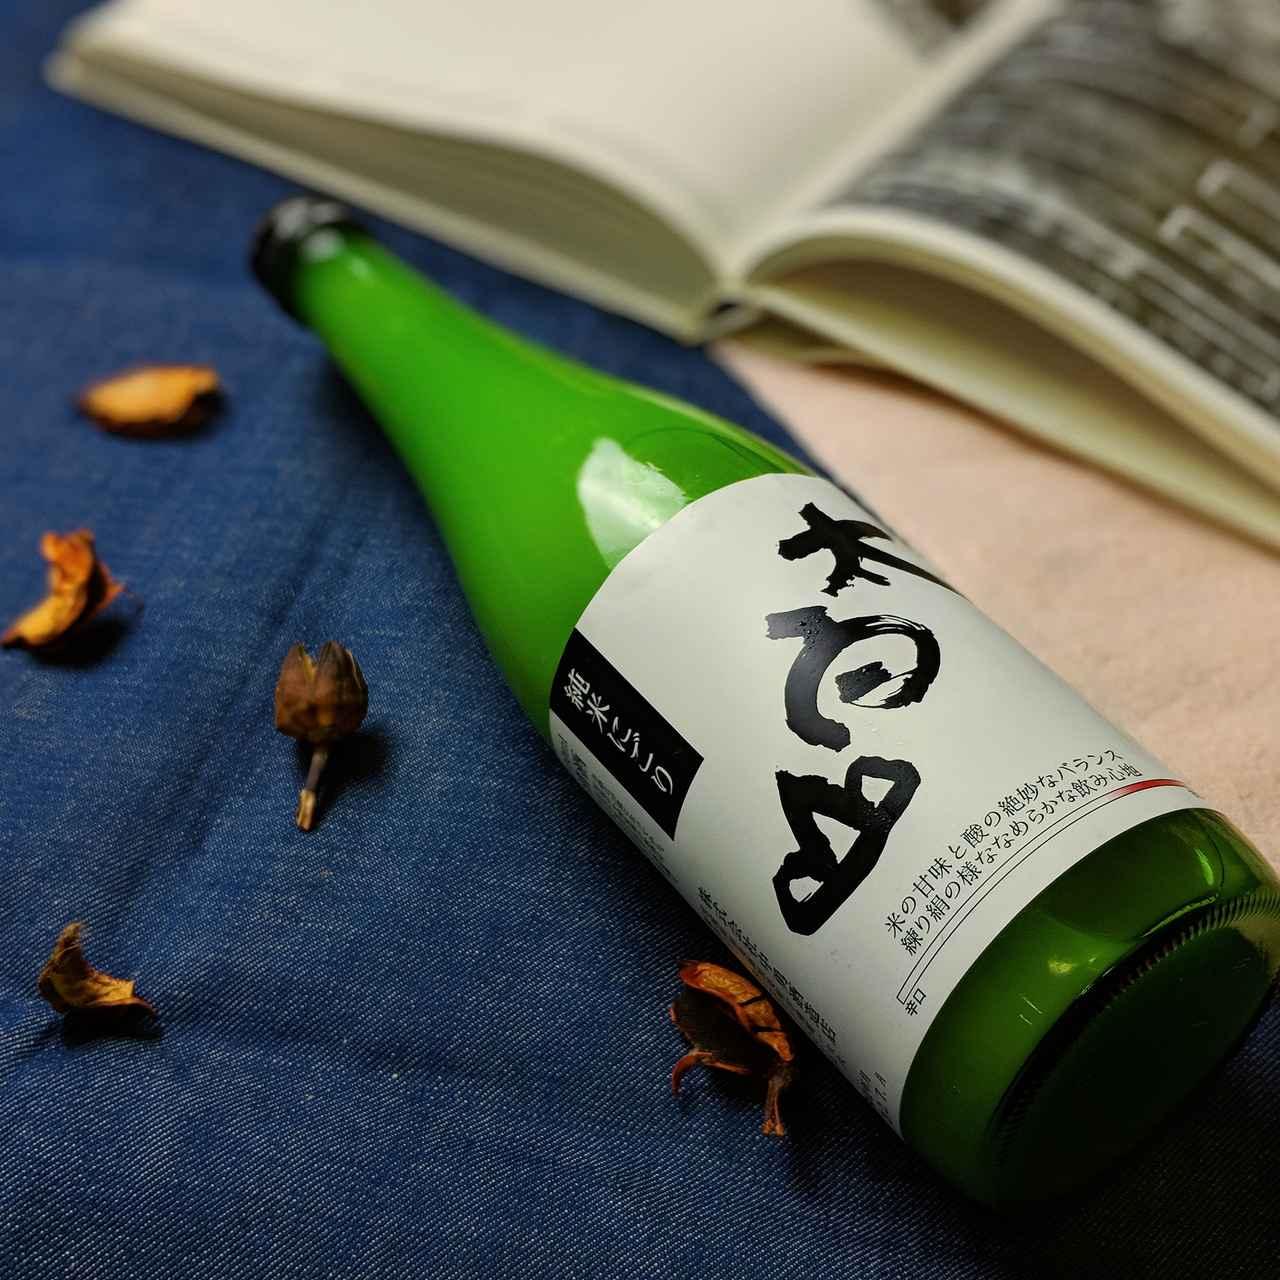 画像2: お父さんに贈りたい日本酒 〜太白山 純米にごり 編〜